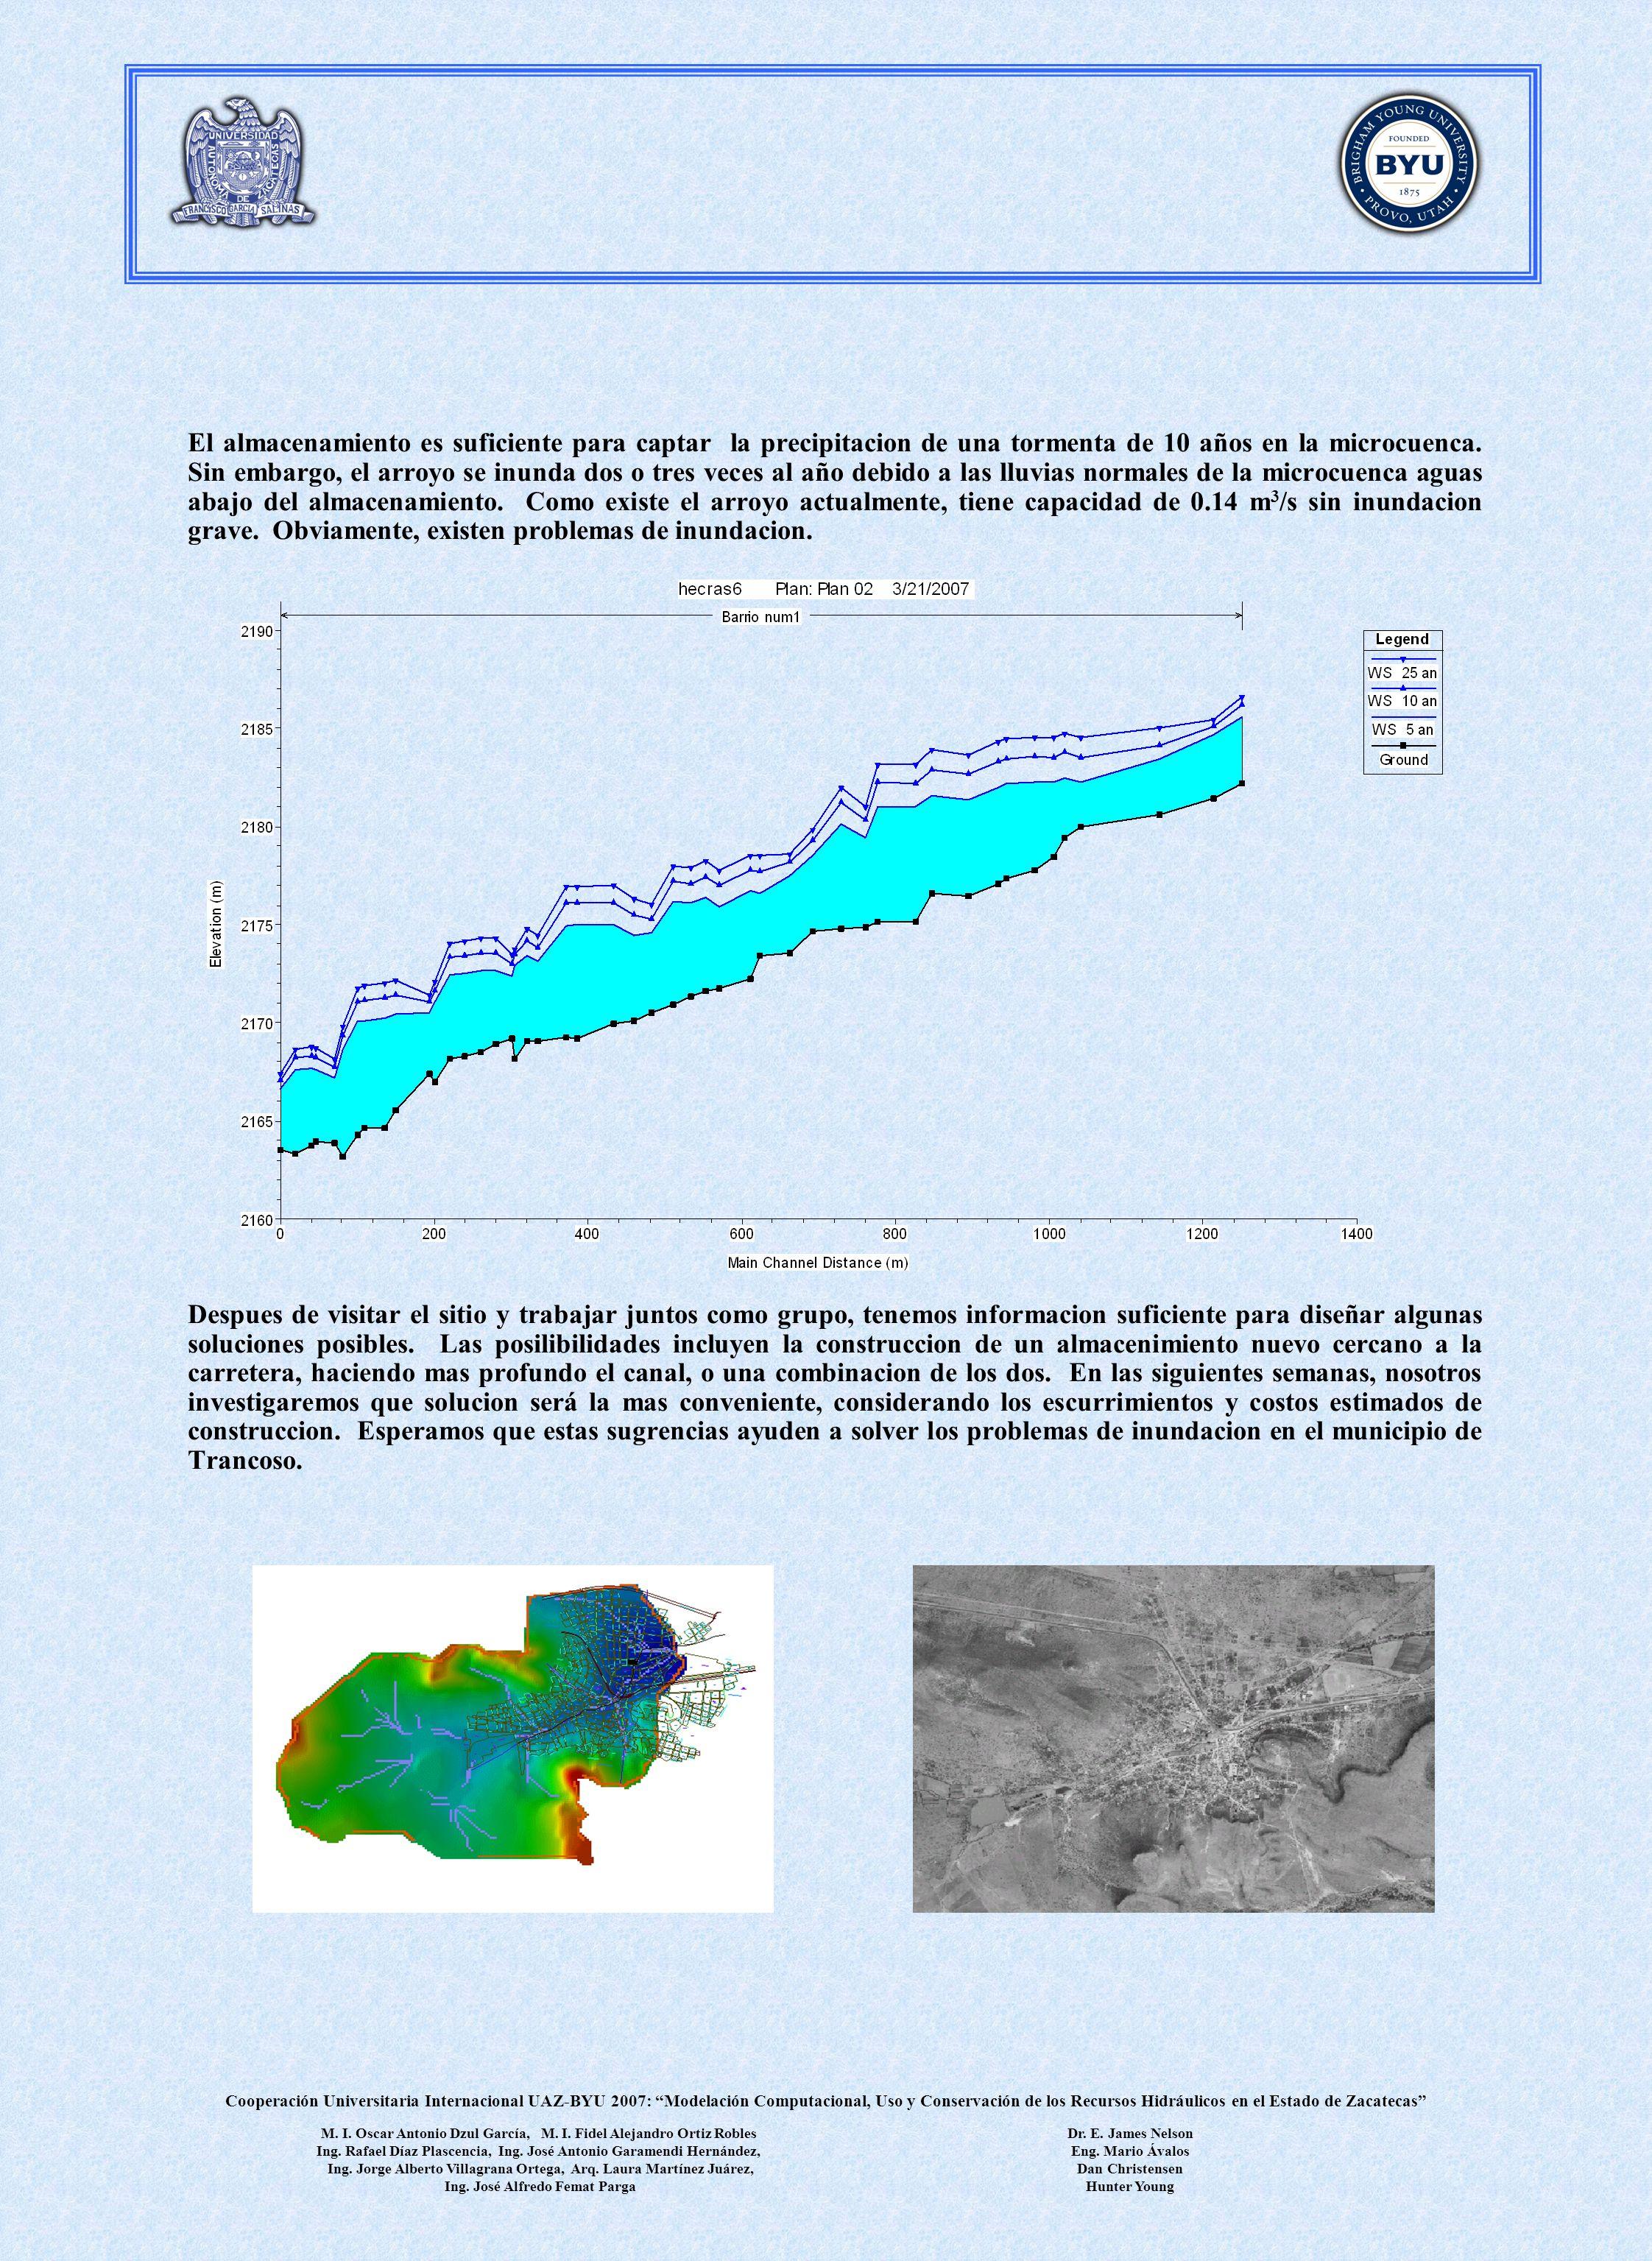 El almacenamiento es suficiente para captar la precipitacion de una tormenta de 10 años en la microcuenca. Sin embargo, el arroyo se inunda dos o tres veces al año debido a las lluvias normales de la microcuenca aguas abajo del almacenamiento. Como existe el arroyo actualmente, tiene capacidad de 0.14 m3/s sin inundacion grave. Obviamente, existen problemas de inundacion.